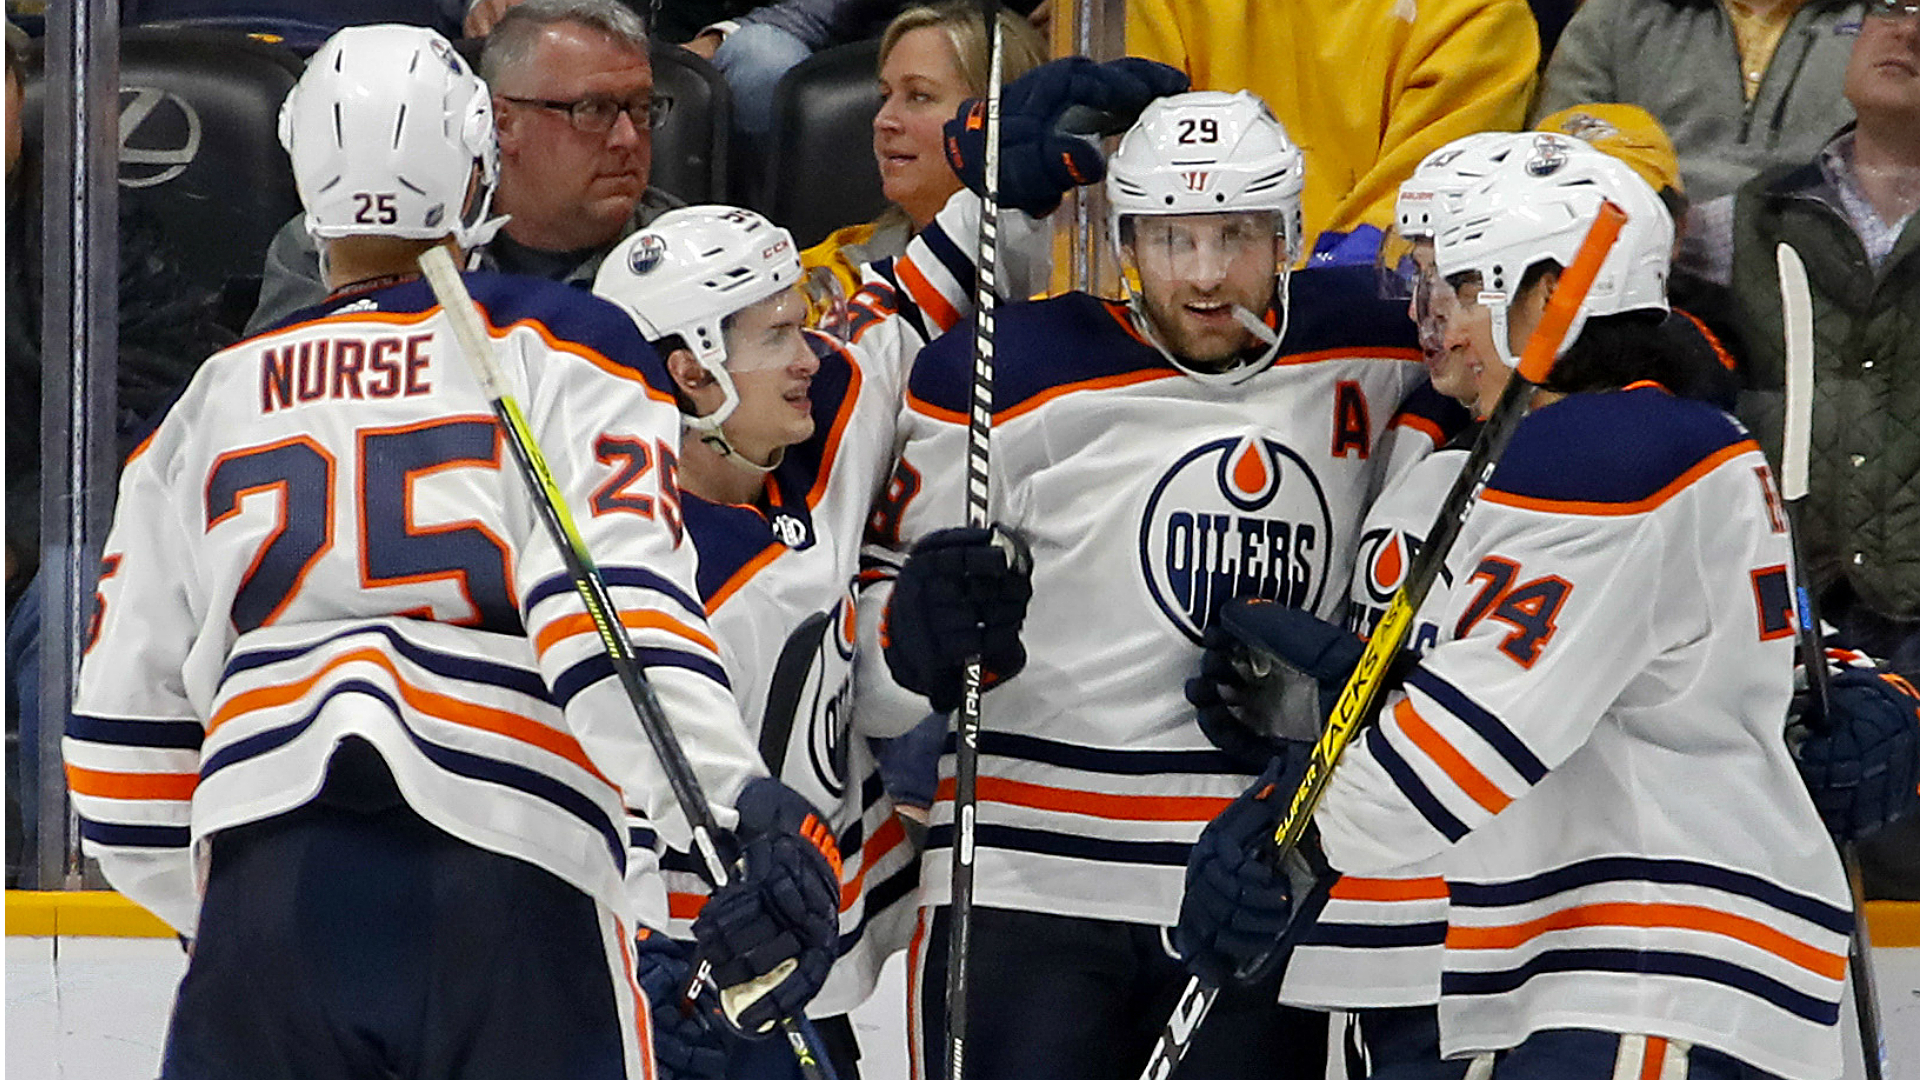 """Dave Tippett de Oilers: """"Creo que podemos ponernos en marcha bastante rápido"""" 23"""